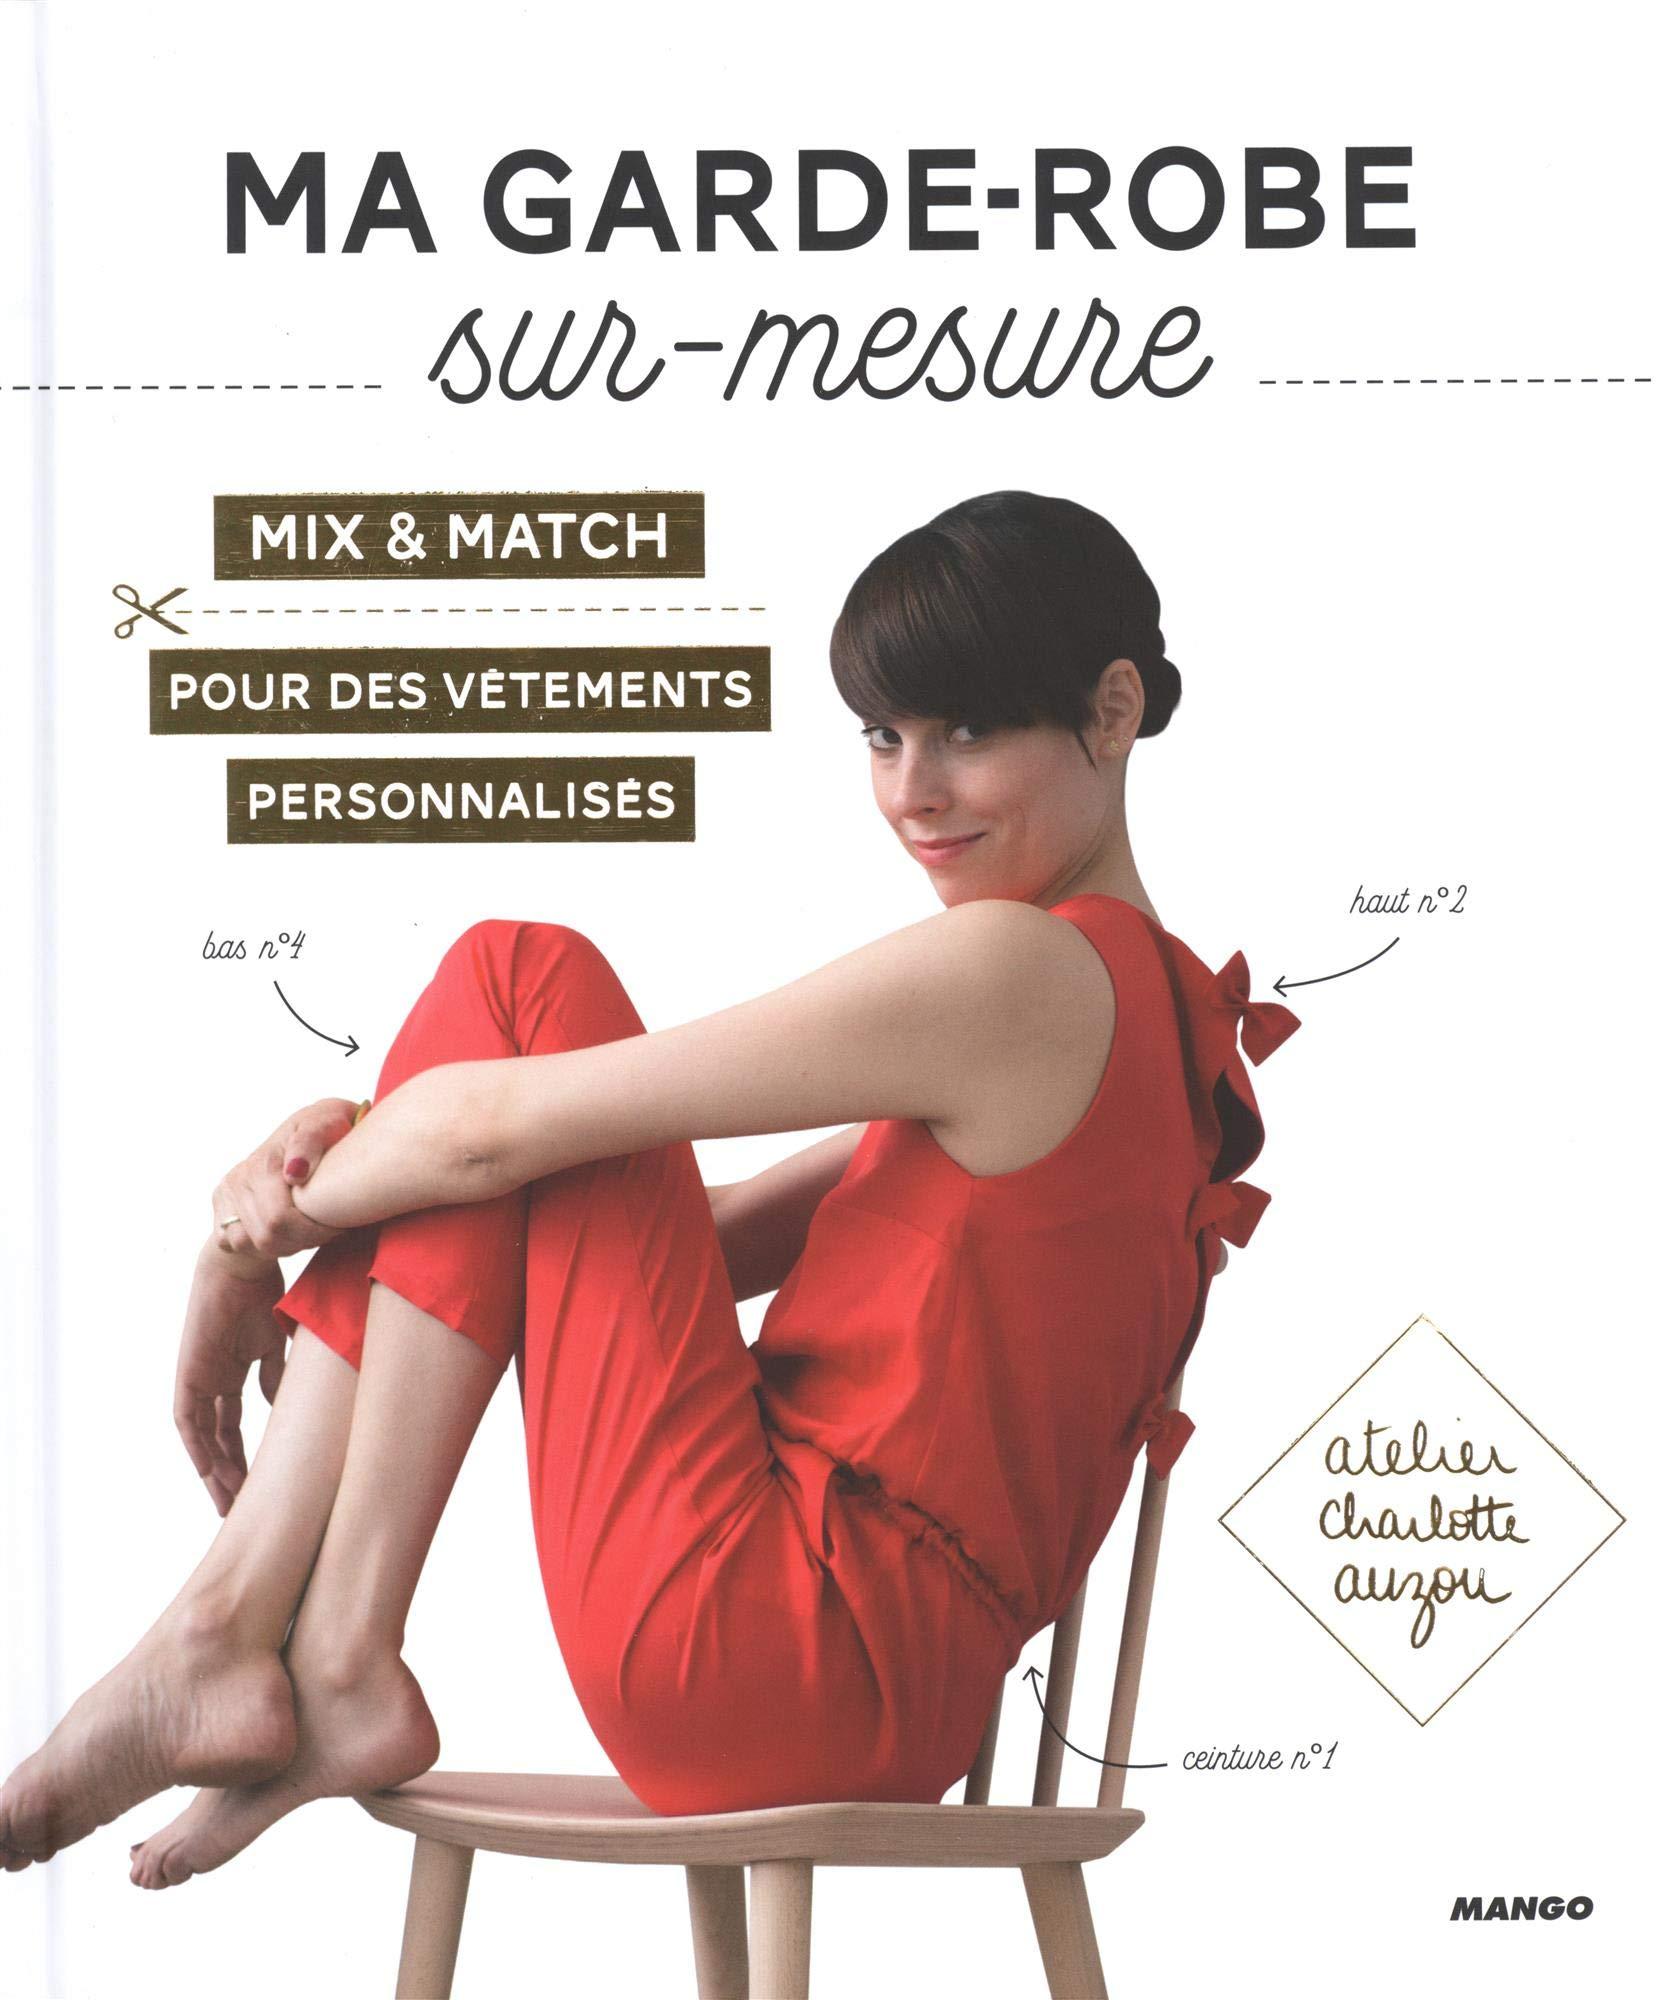 Mix Mesure Match Ma Pour Des Garde amp; Robe Sur qAxqtw7Ia